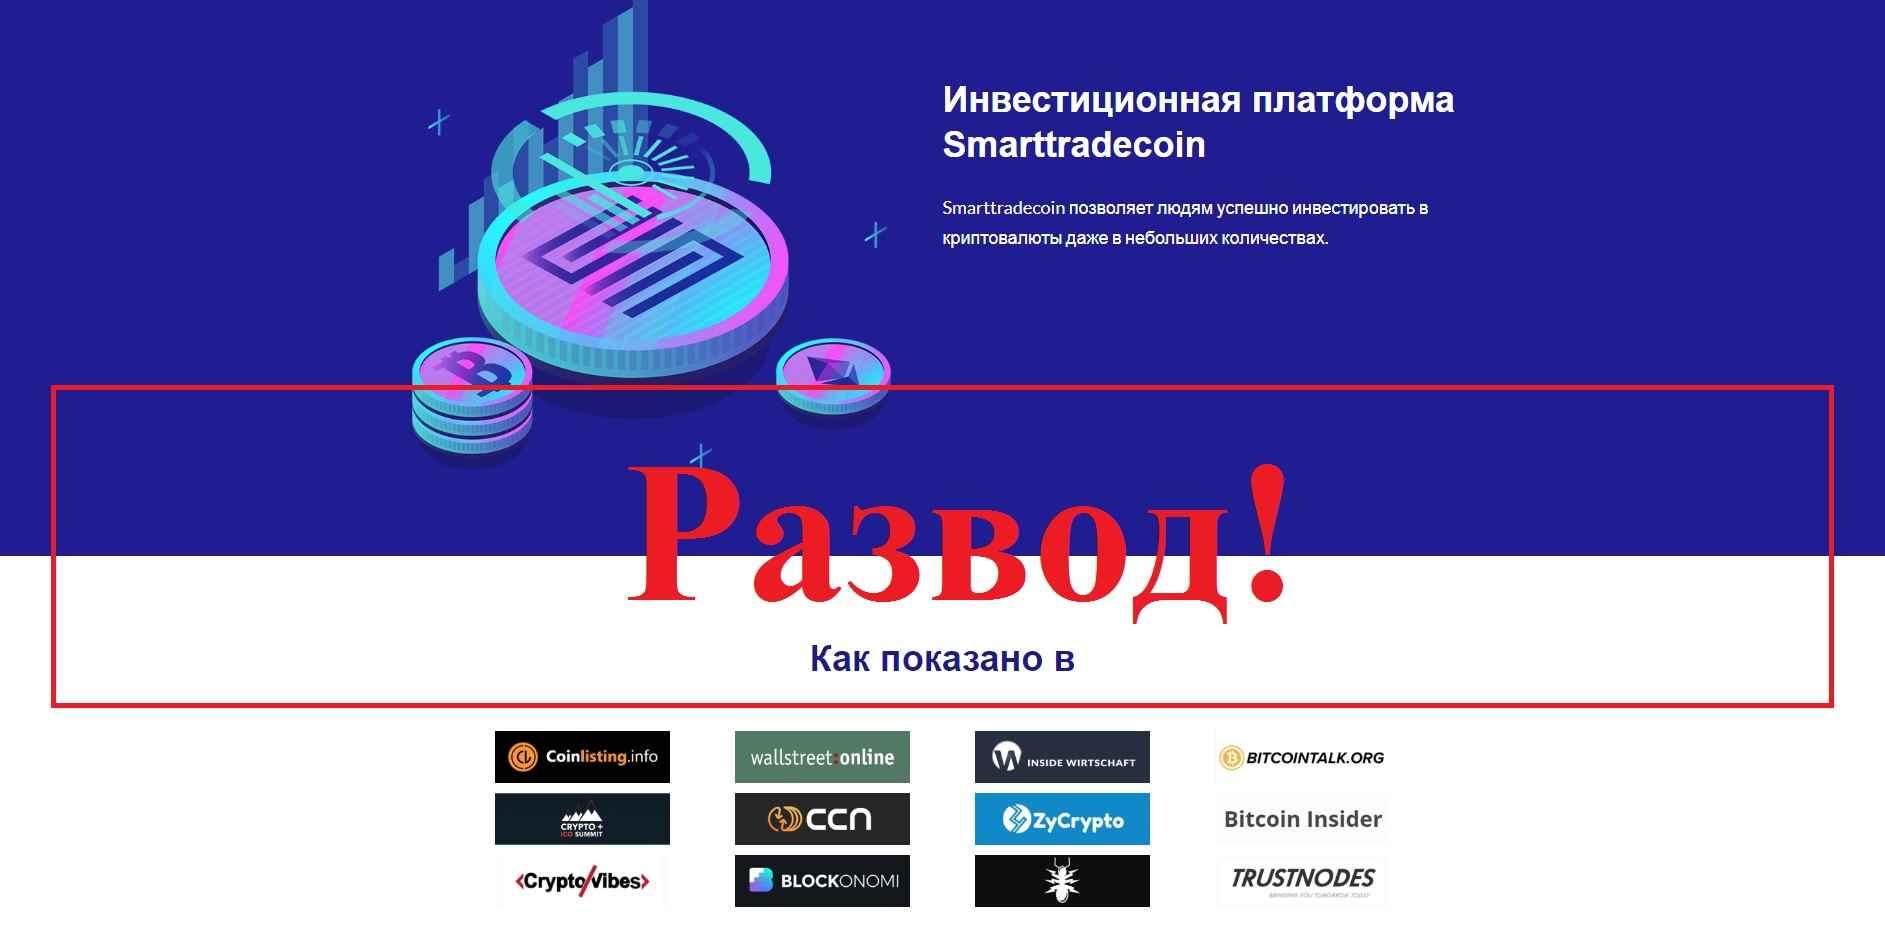 БОТ Smart Trade – реальные отзывы о smarttradecoin.com